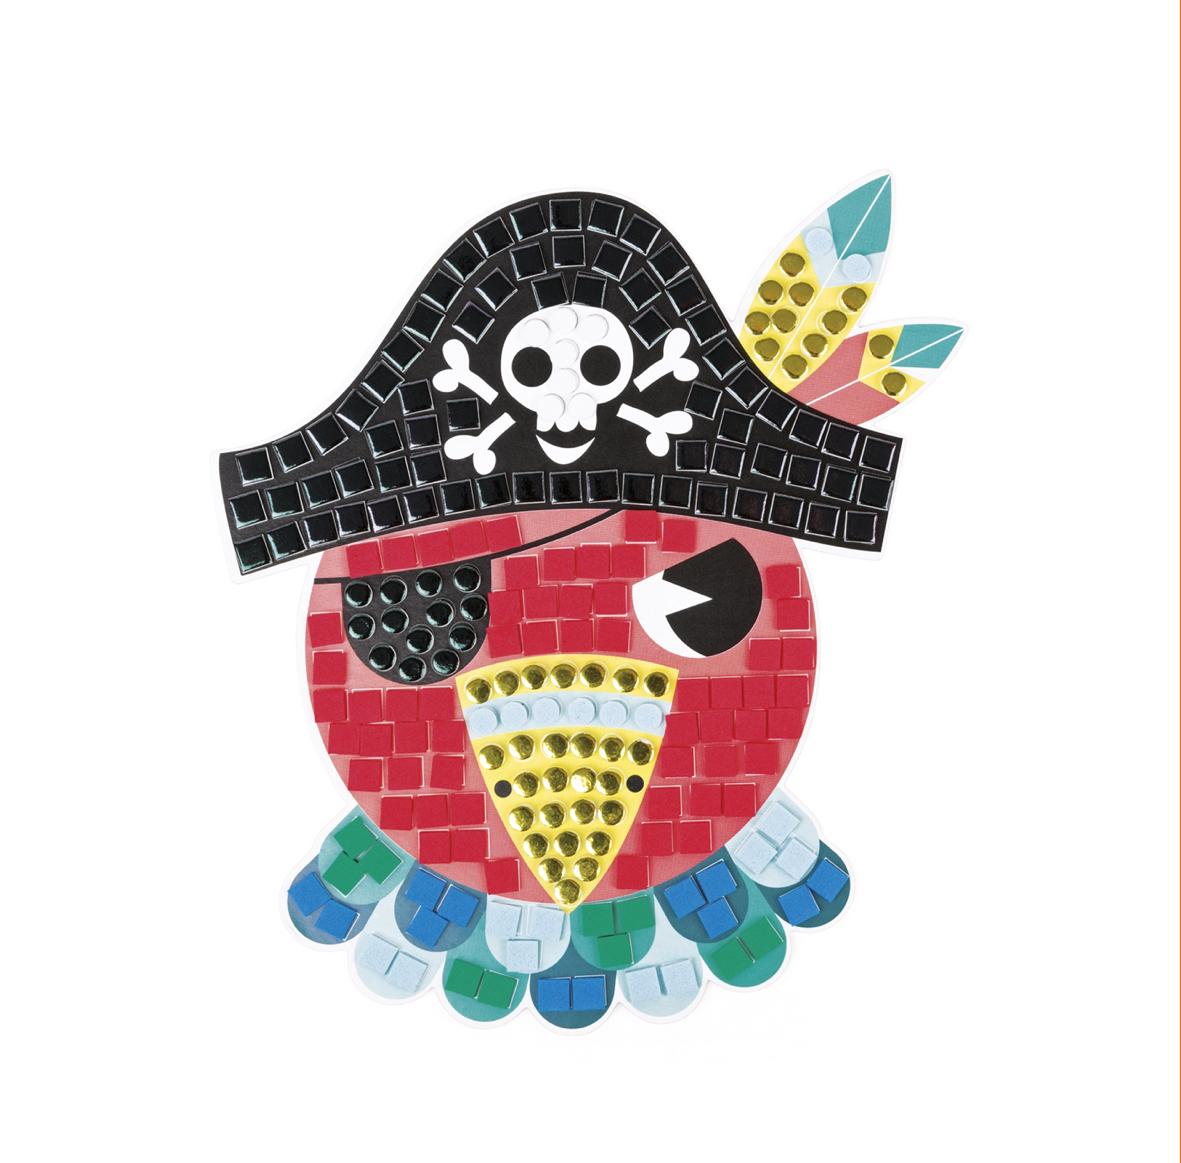 mosaico-piratas-de-janod-en-el-mundo-de-mico3